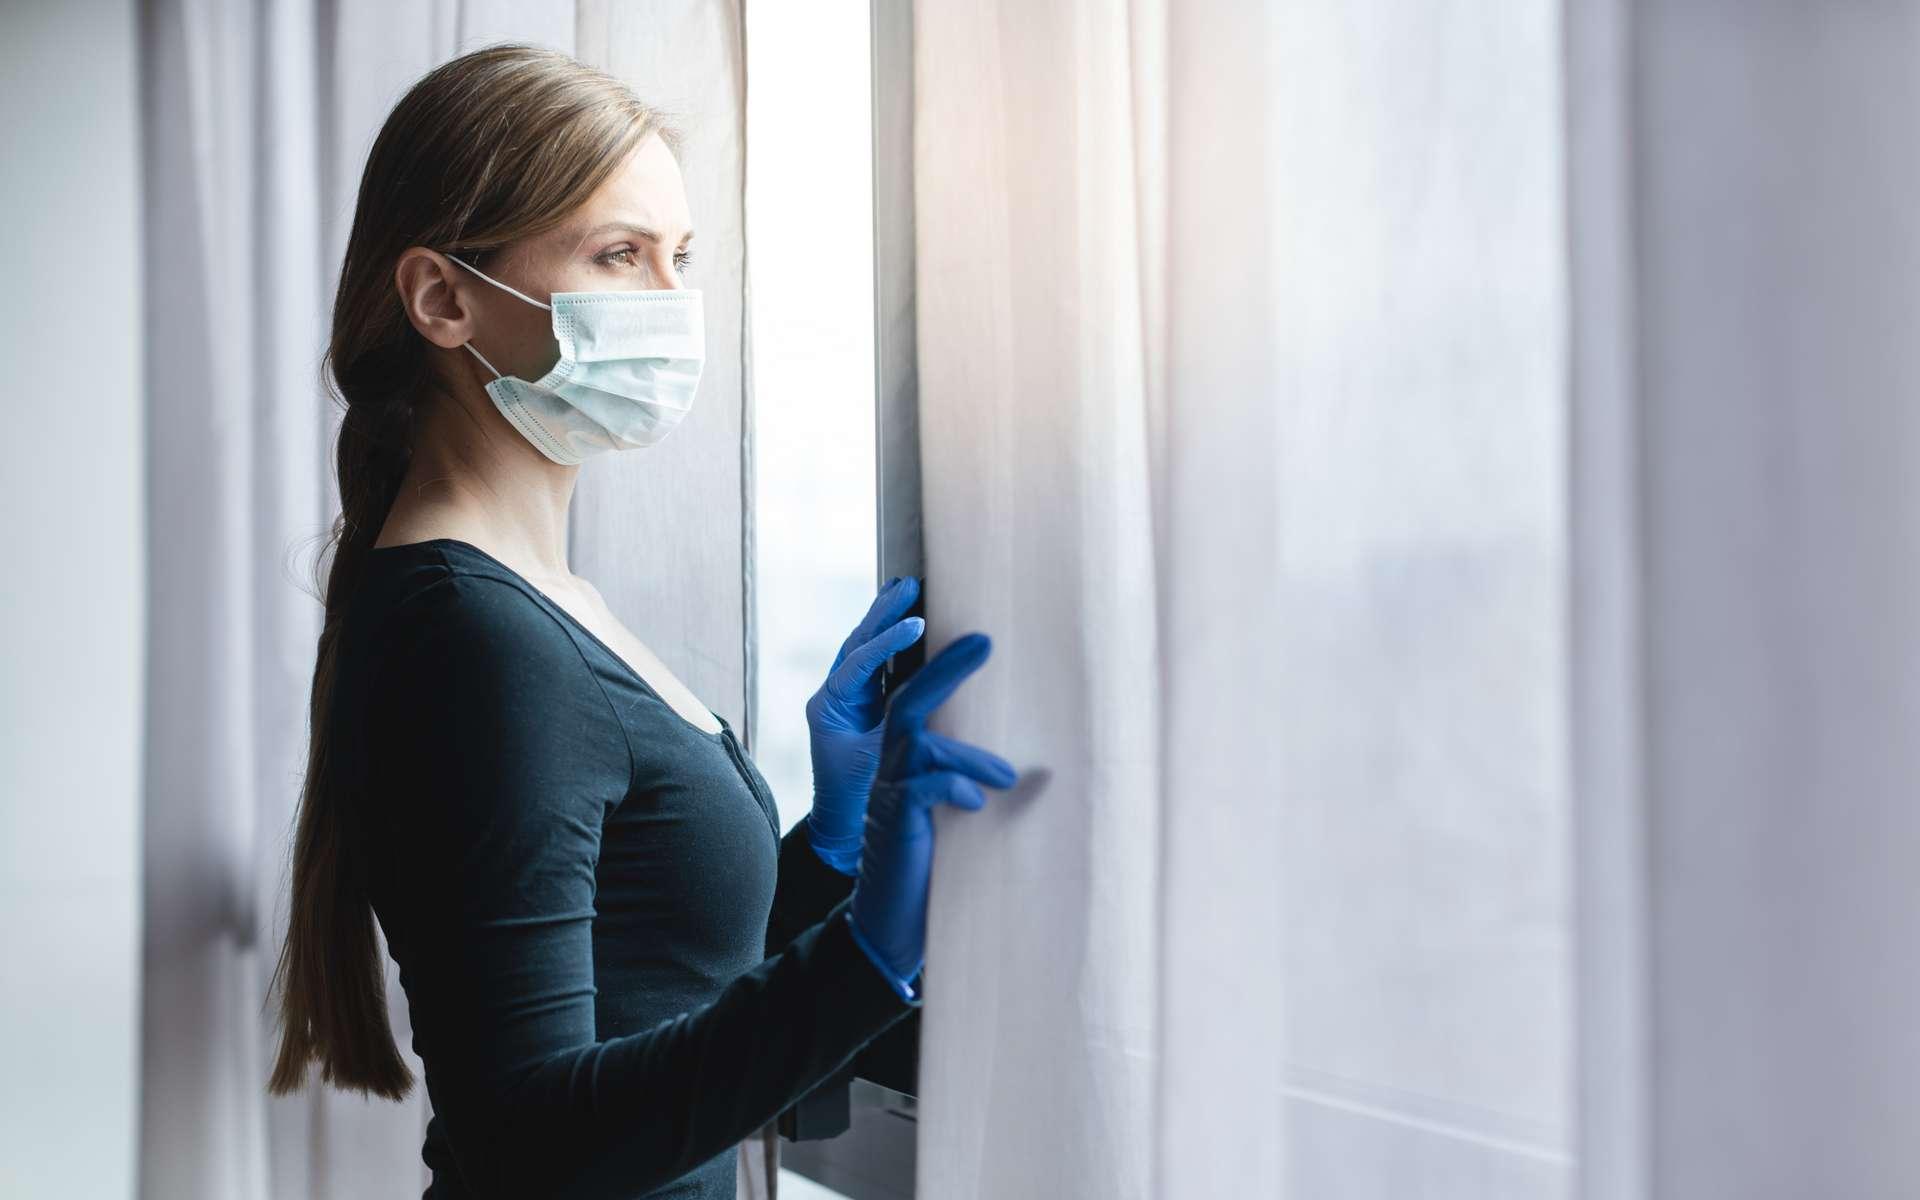 Comment « déconfiner » une population tout en limitant l'arrivée d'une seconde vague épidémique ? © Kzenon, Adobe Stock